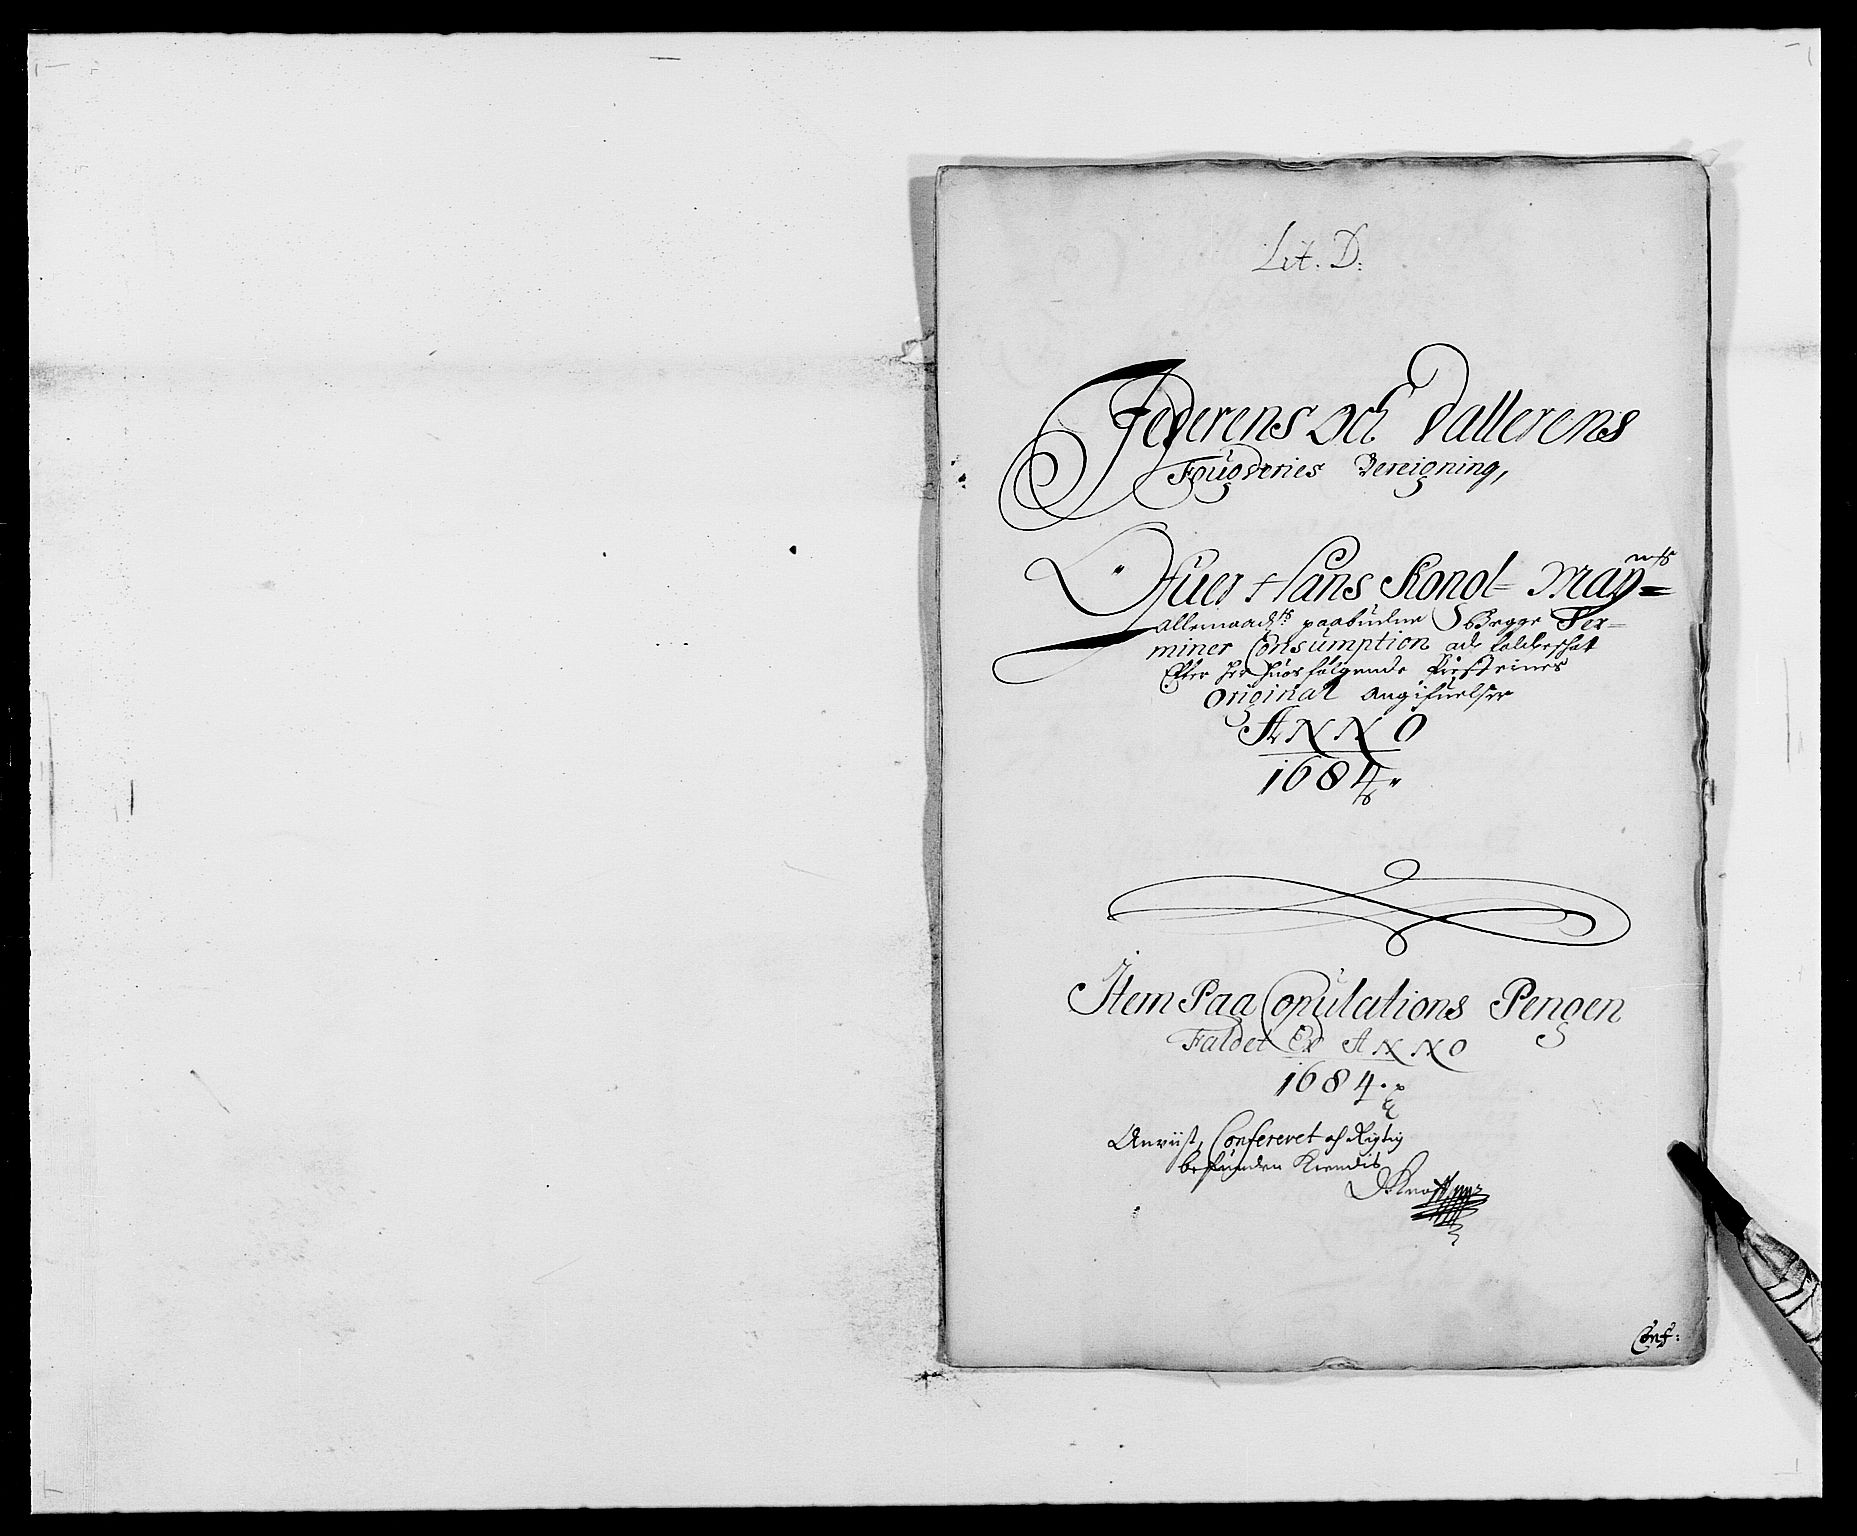 RA, Rentekammeret inntil 1814, Reviderte regnskaper, Fogderegnskap, R46/L2724: Fogderegnskap Jæren og Dalane, 1682-1684, s. 236